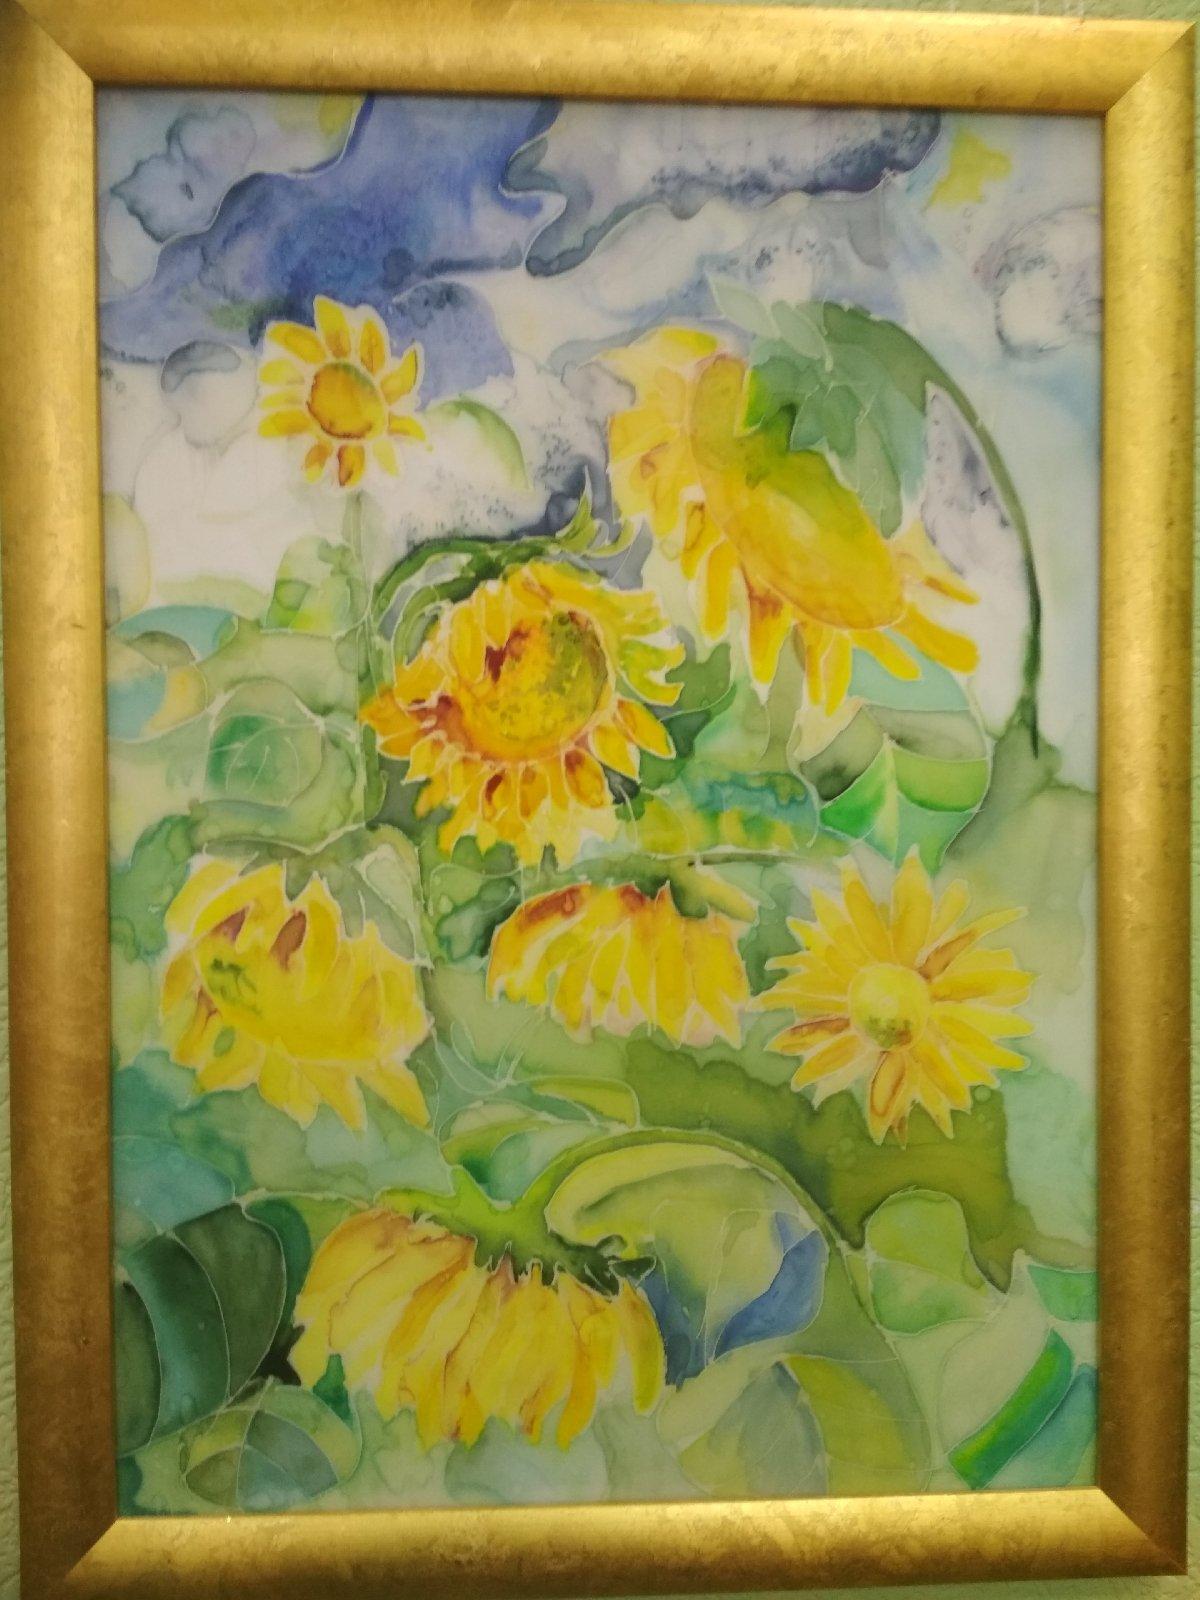 Выставка картин Николая Никитина «Тридцать три. Дои после»